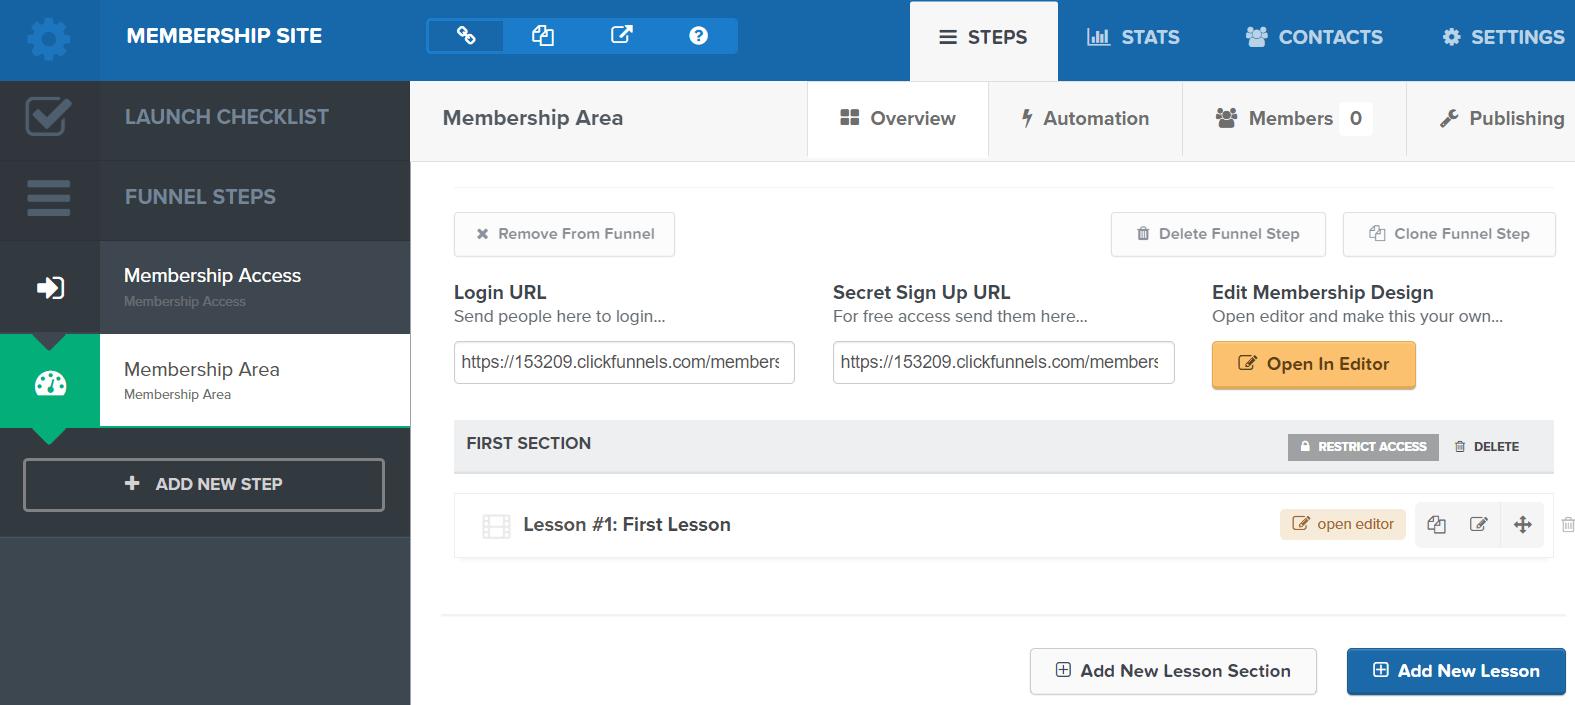 clickfunnels membership site editing